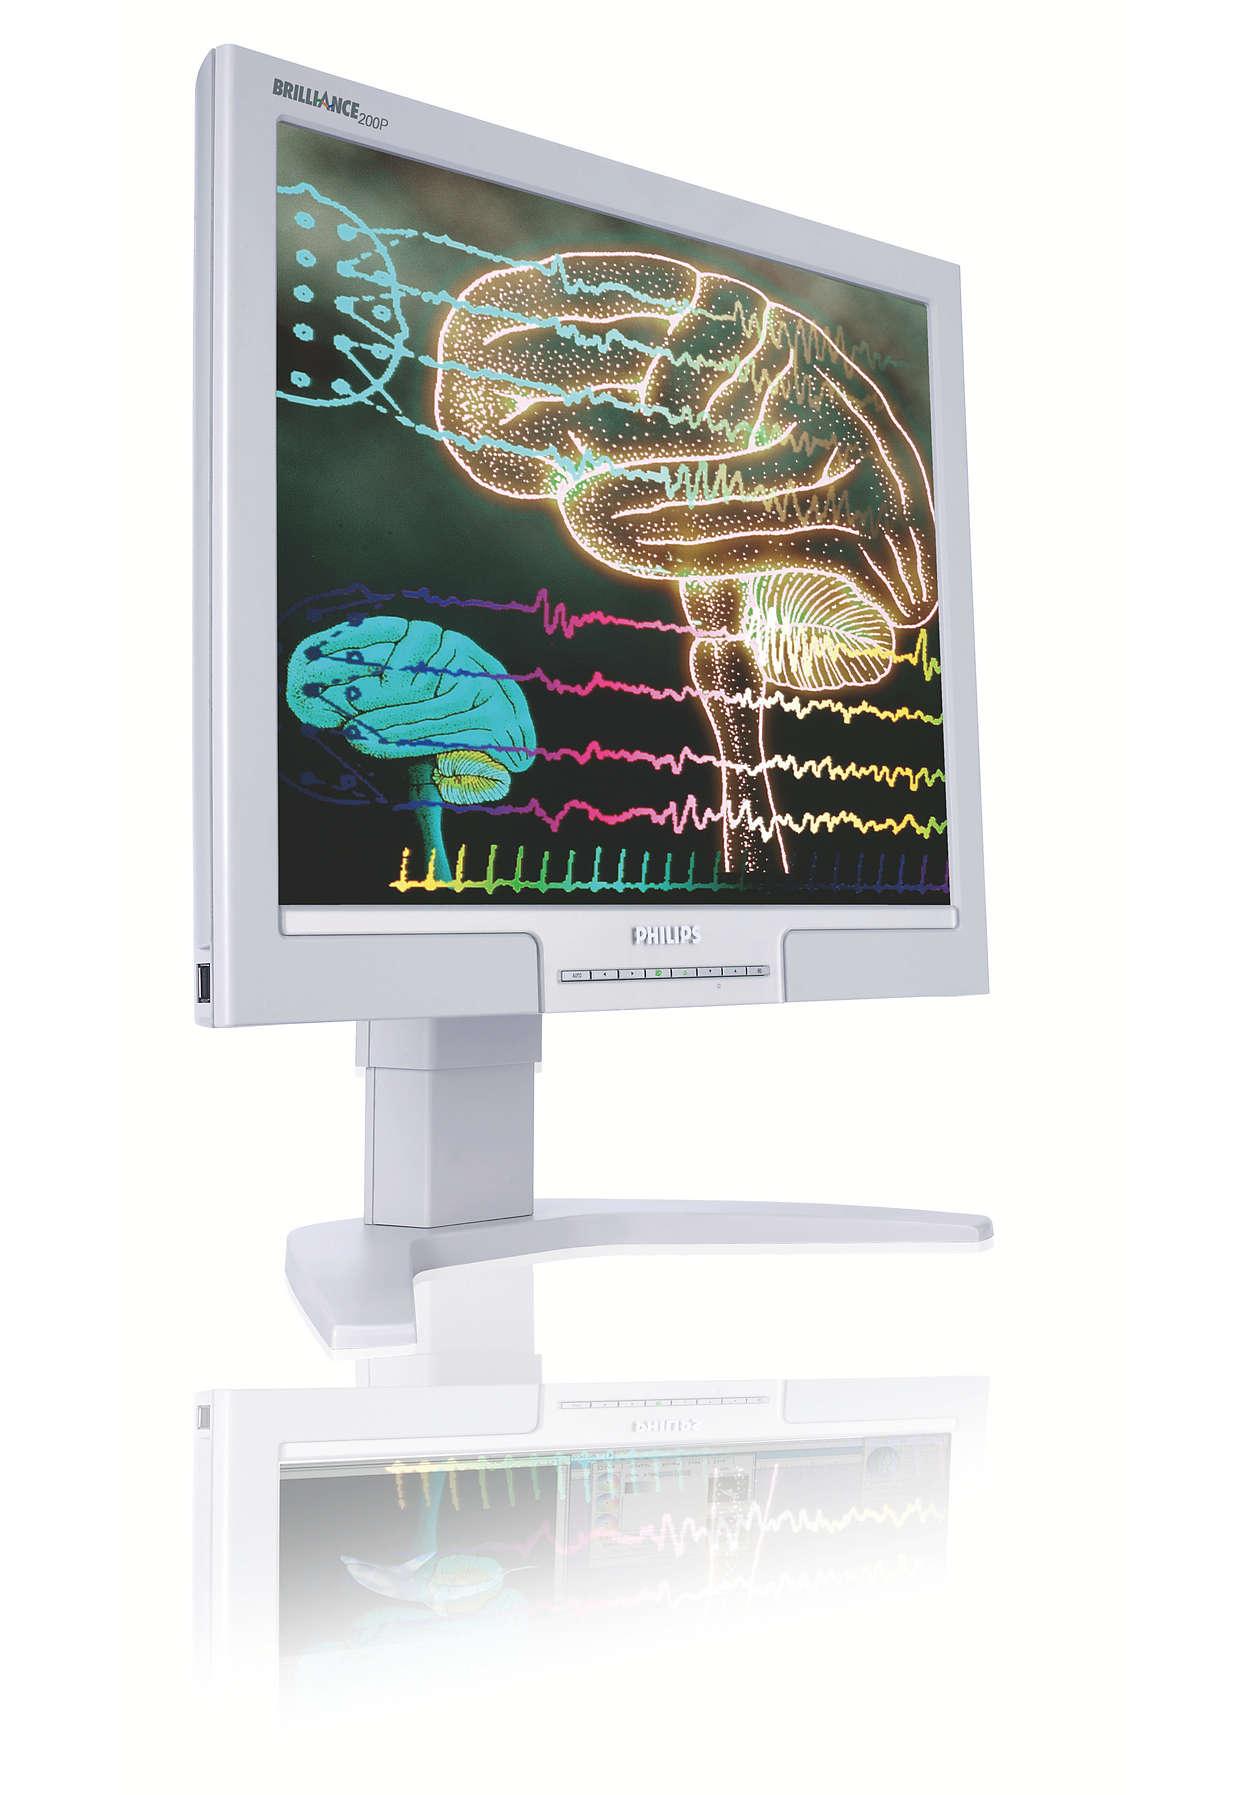 Tıbbi ortamlar için yüksek kaliteli ekran